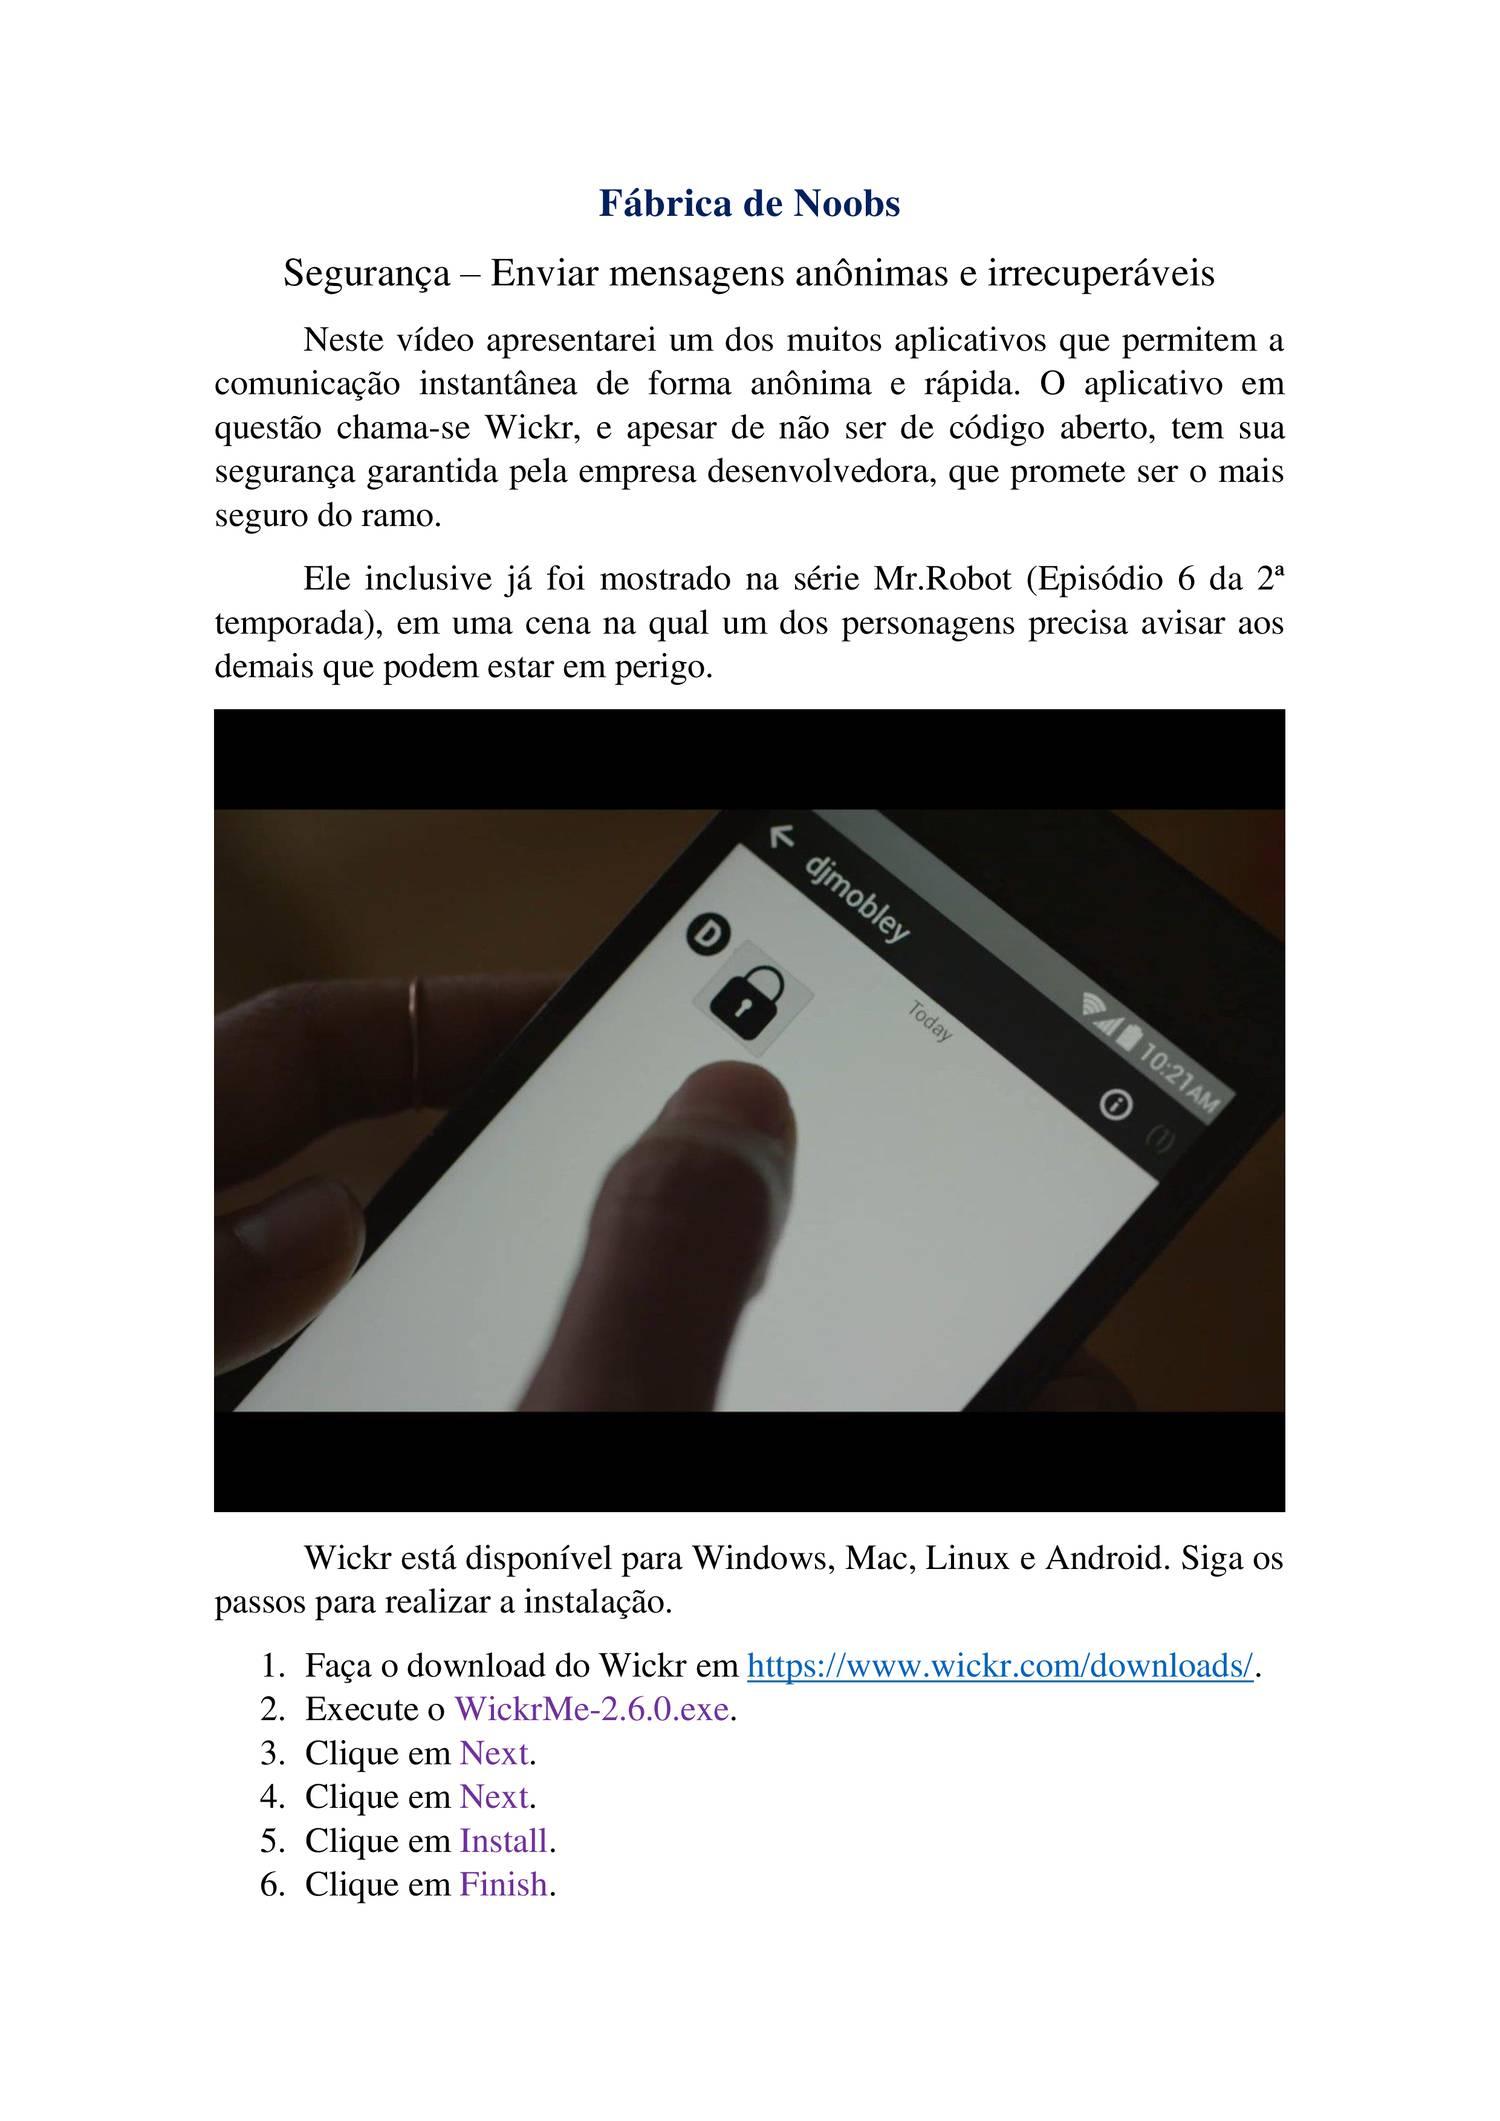 Segurança – Enviar mensagens anônimas e irrecuperáveis pdf | DocDroid